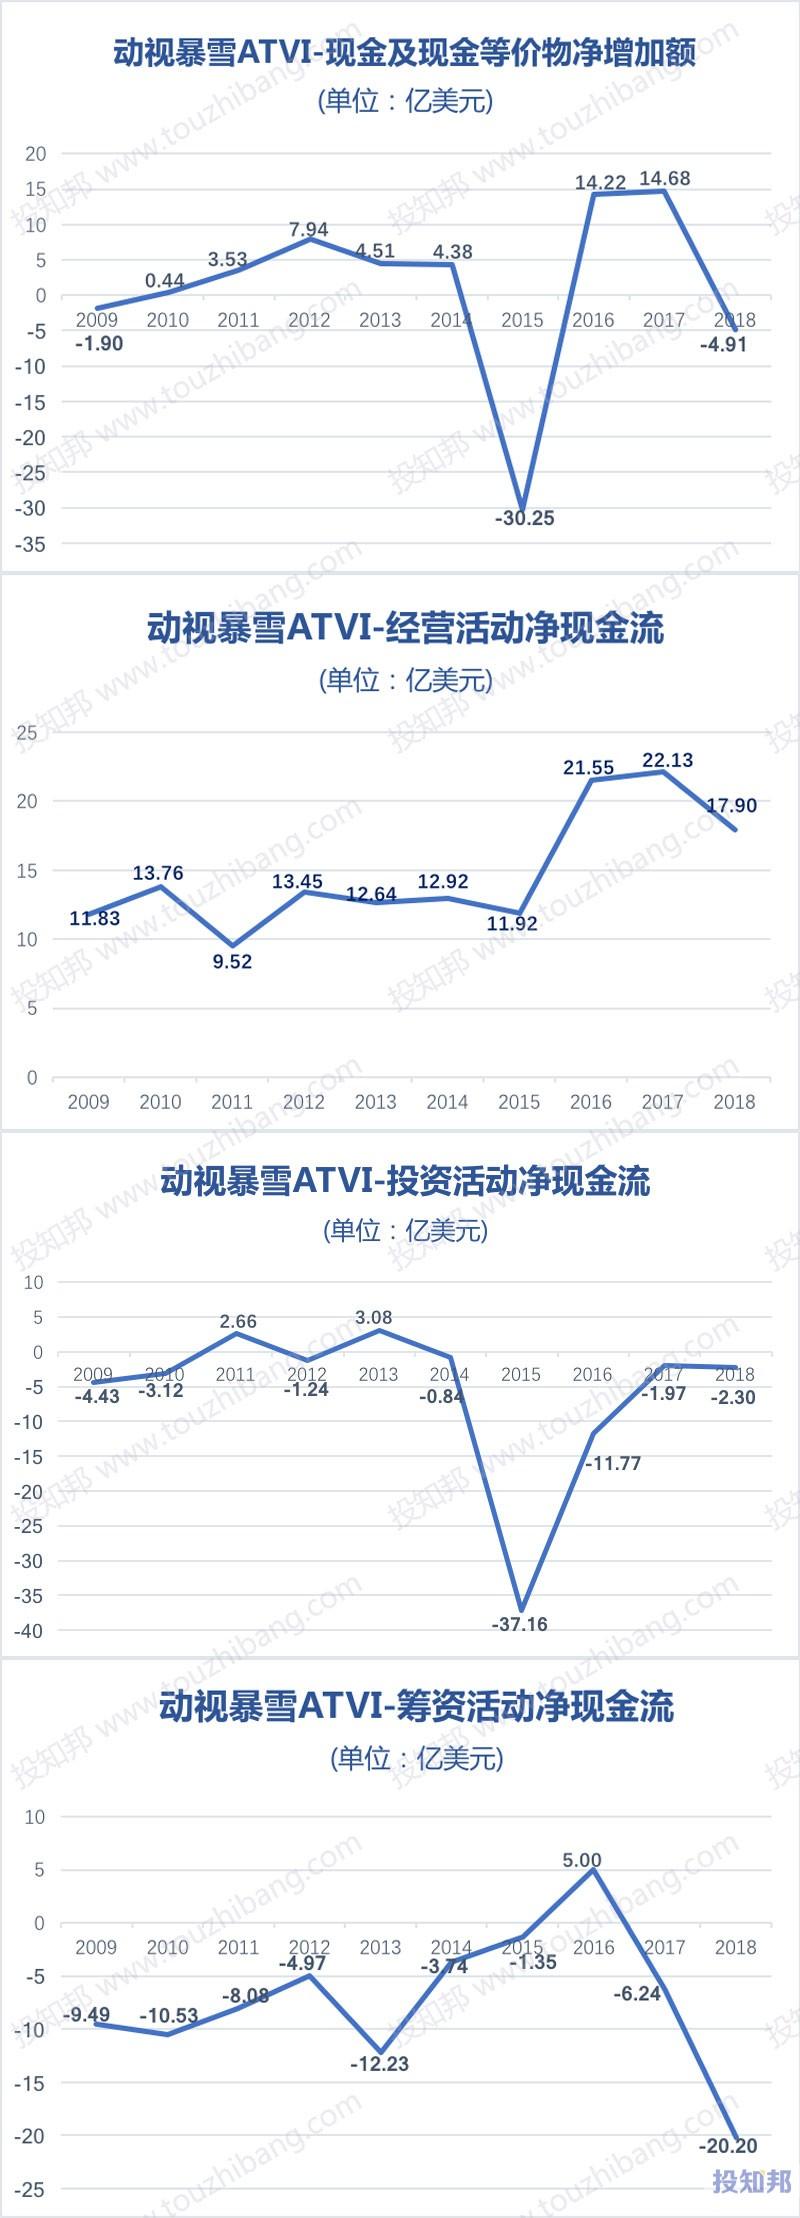 图解动视暴雪(ATVI)财报数据(2009年~2019年Q3)